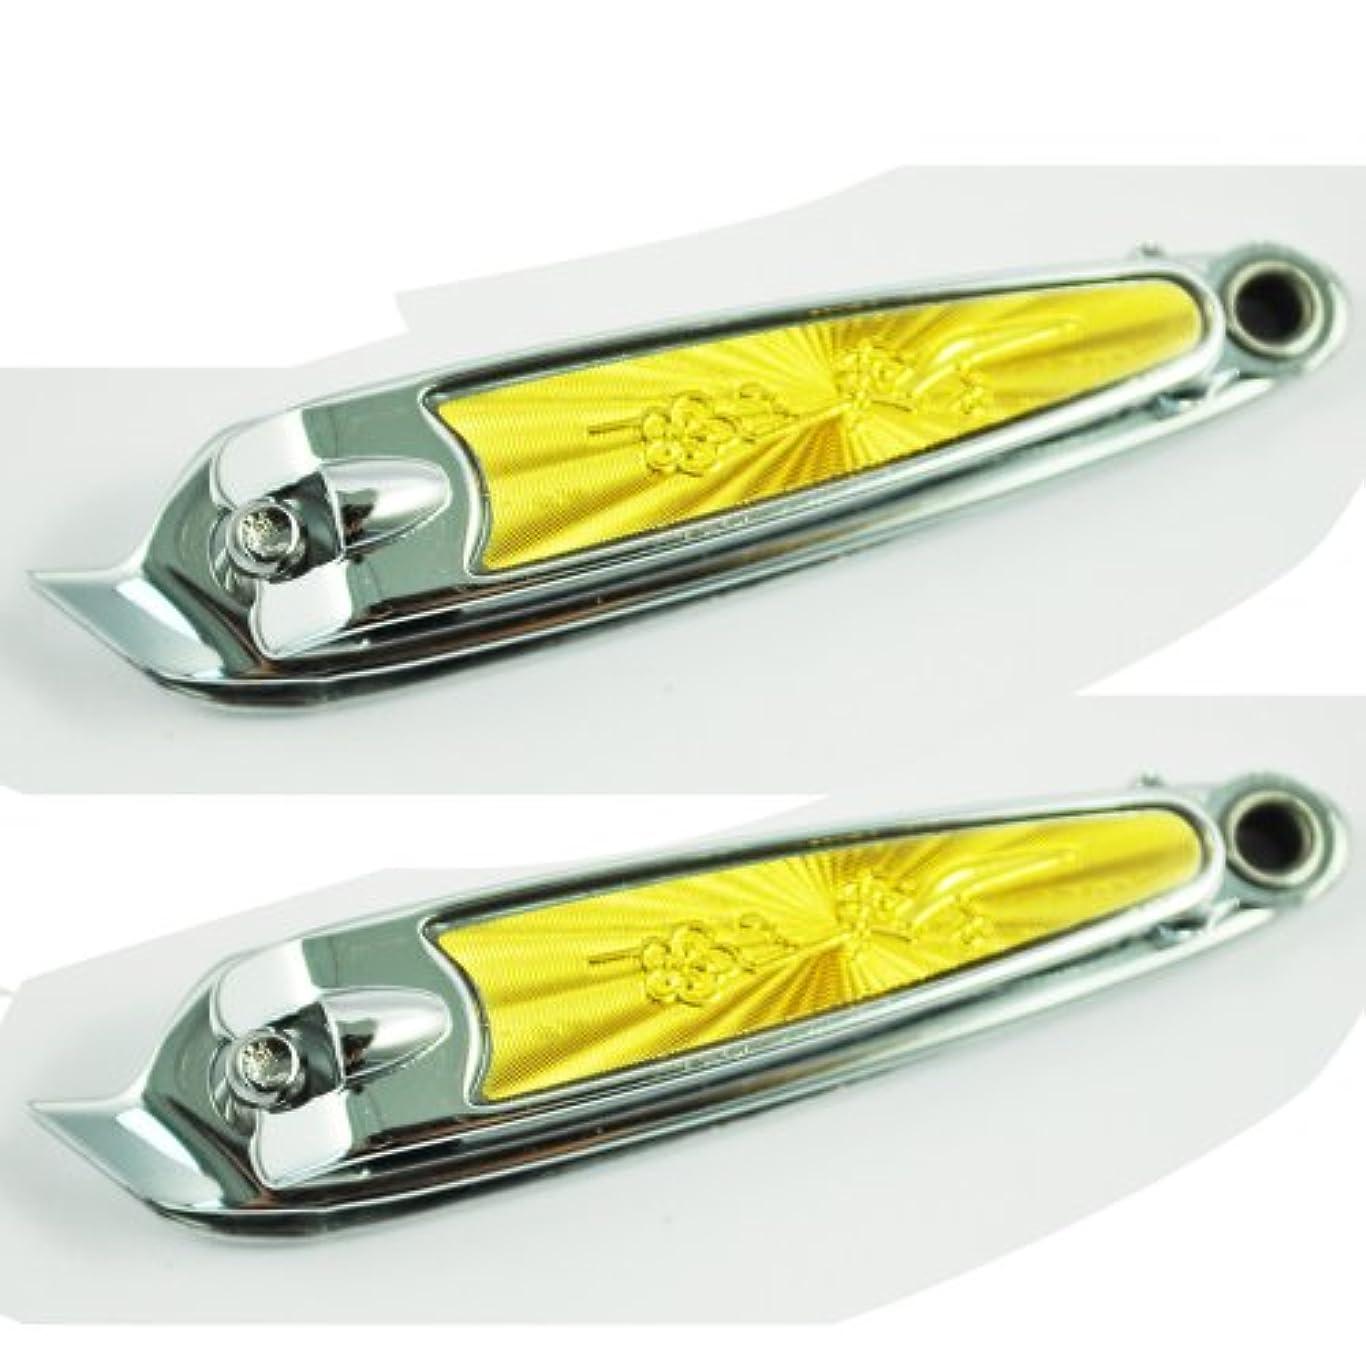 で出来ている憧れスーパーマーケットツメ切り,SODIAL(R) 斜め口デザインフィンガーネイルクリッパーカッターx2